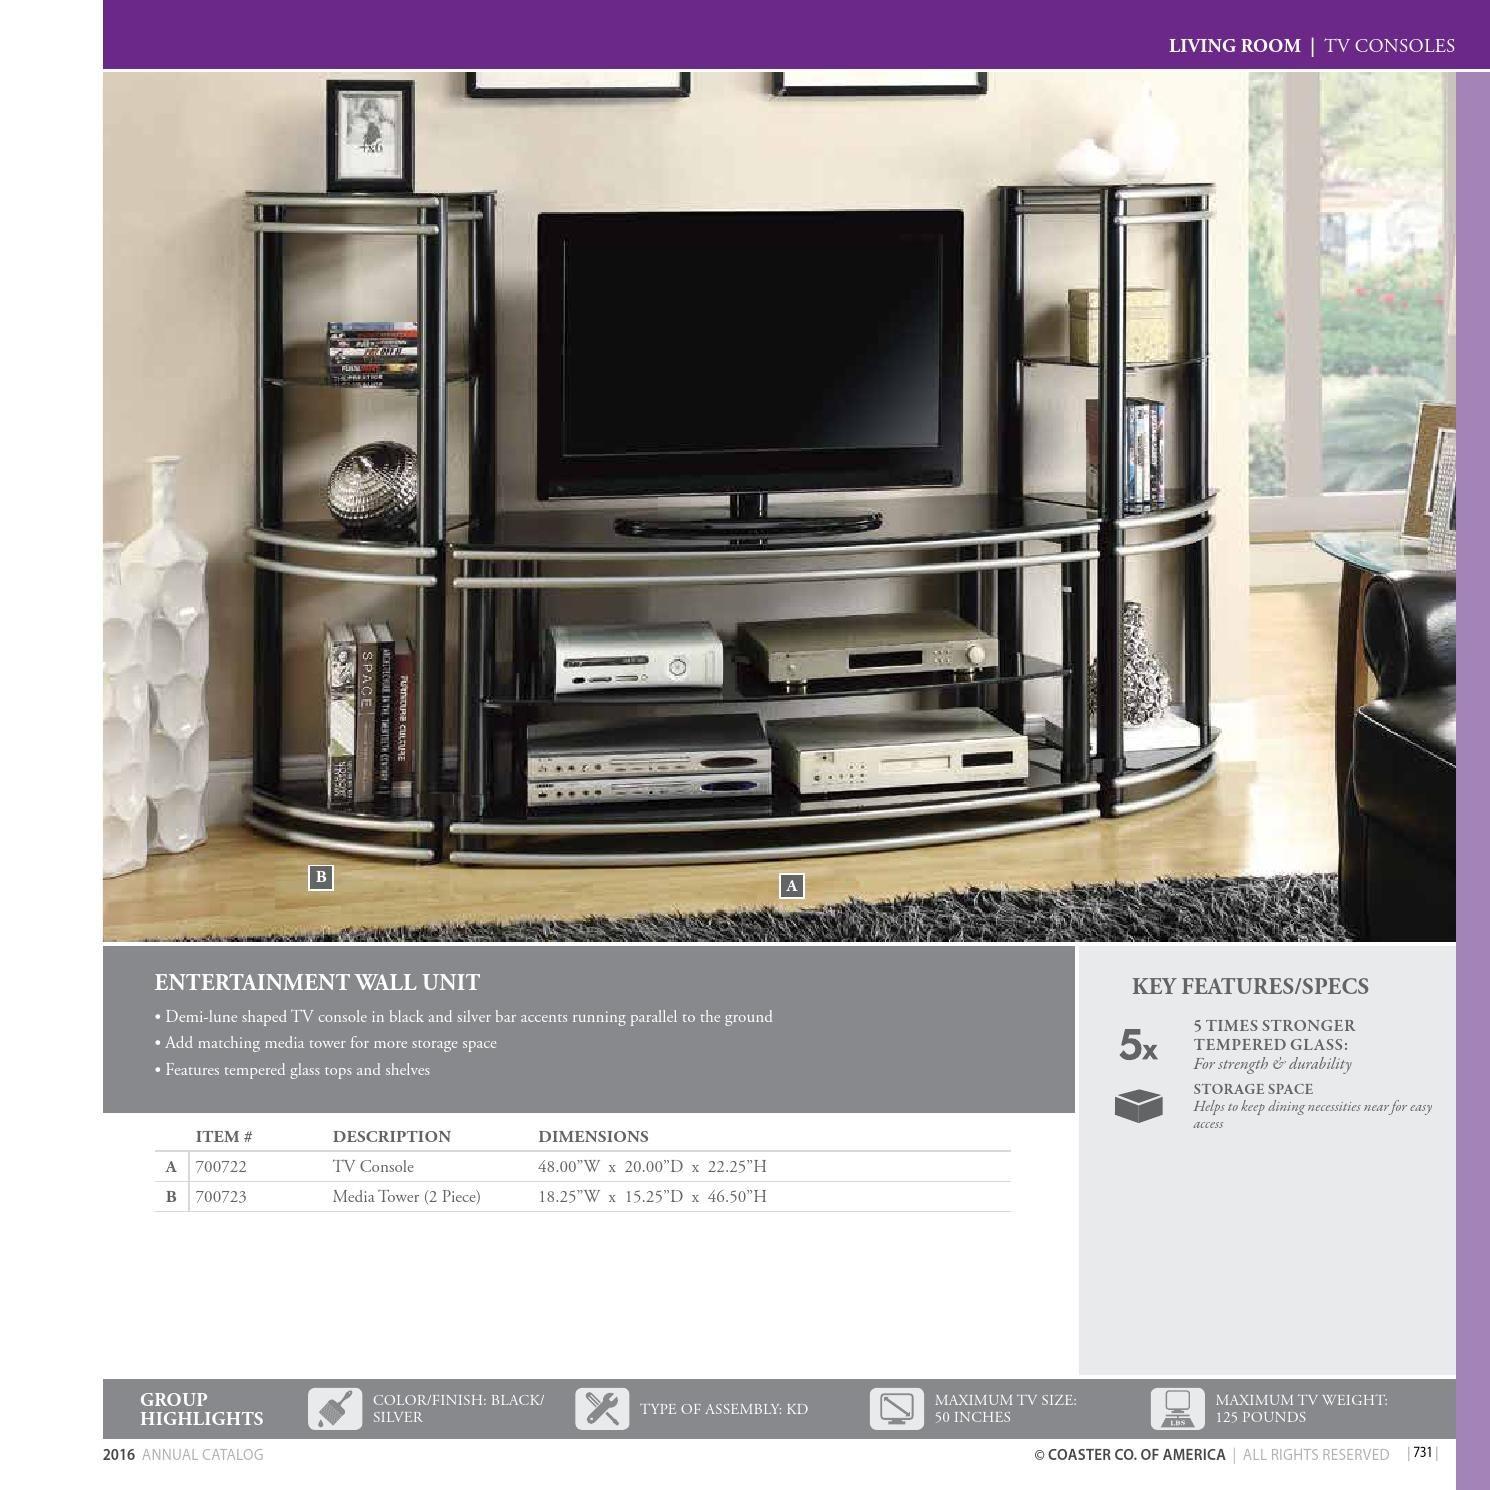 Modular o centro de entretenimiento para sala (https://issuu.com/coasterfurniture/docs/2016_livingroom_catalog_c49db755ebb4f0)